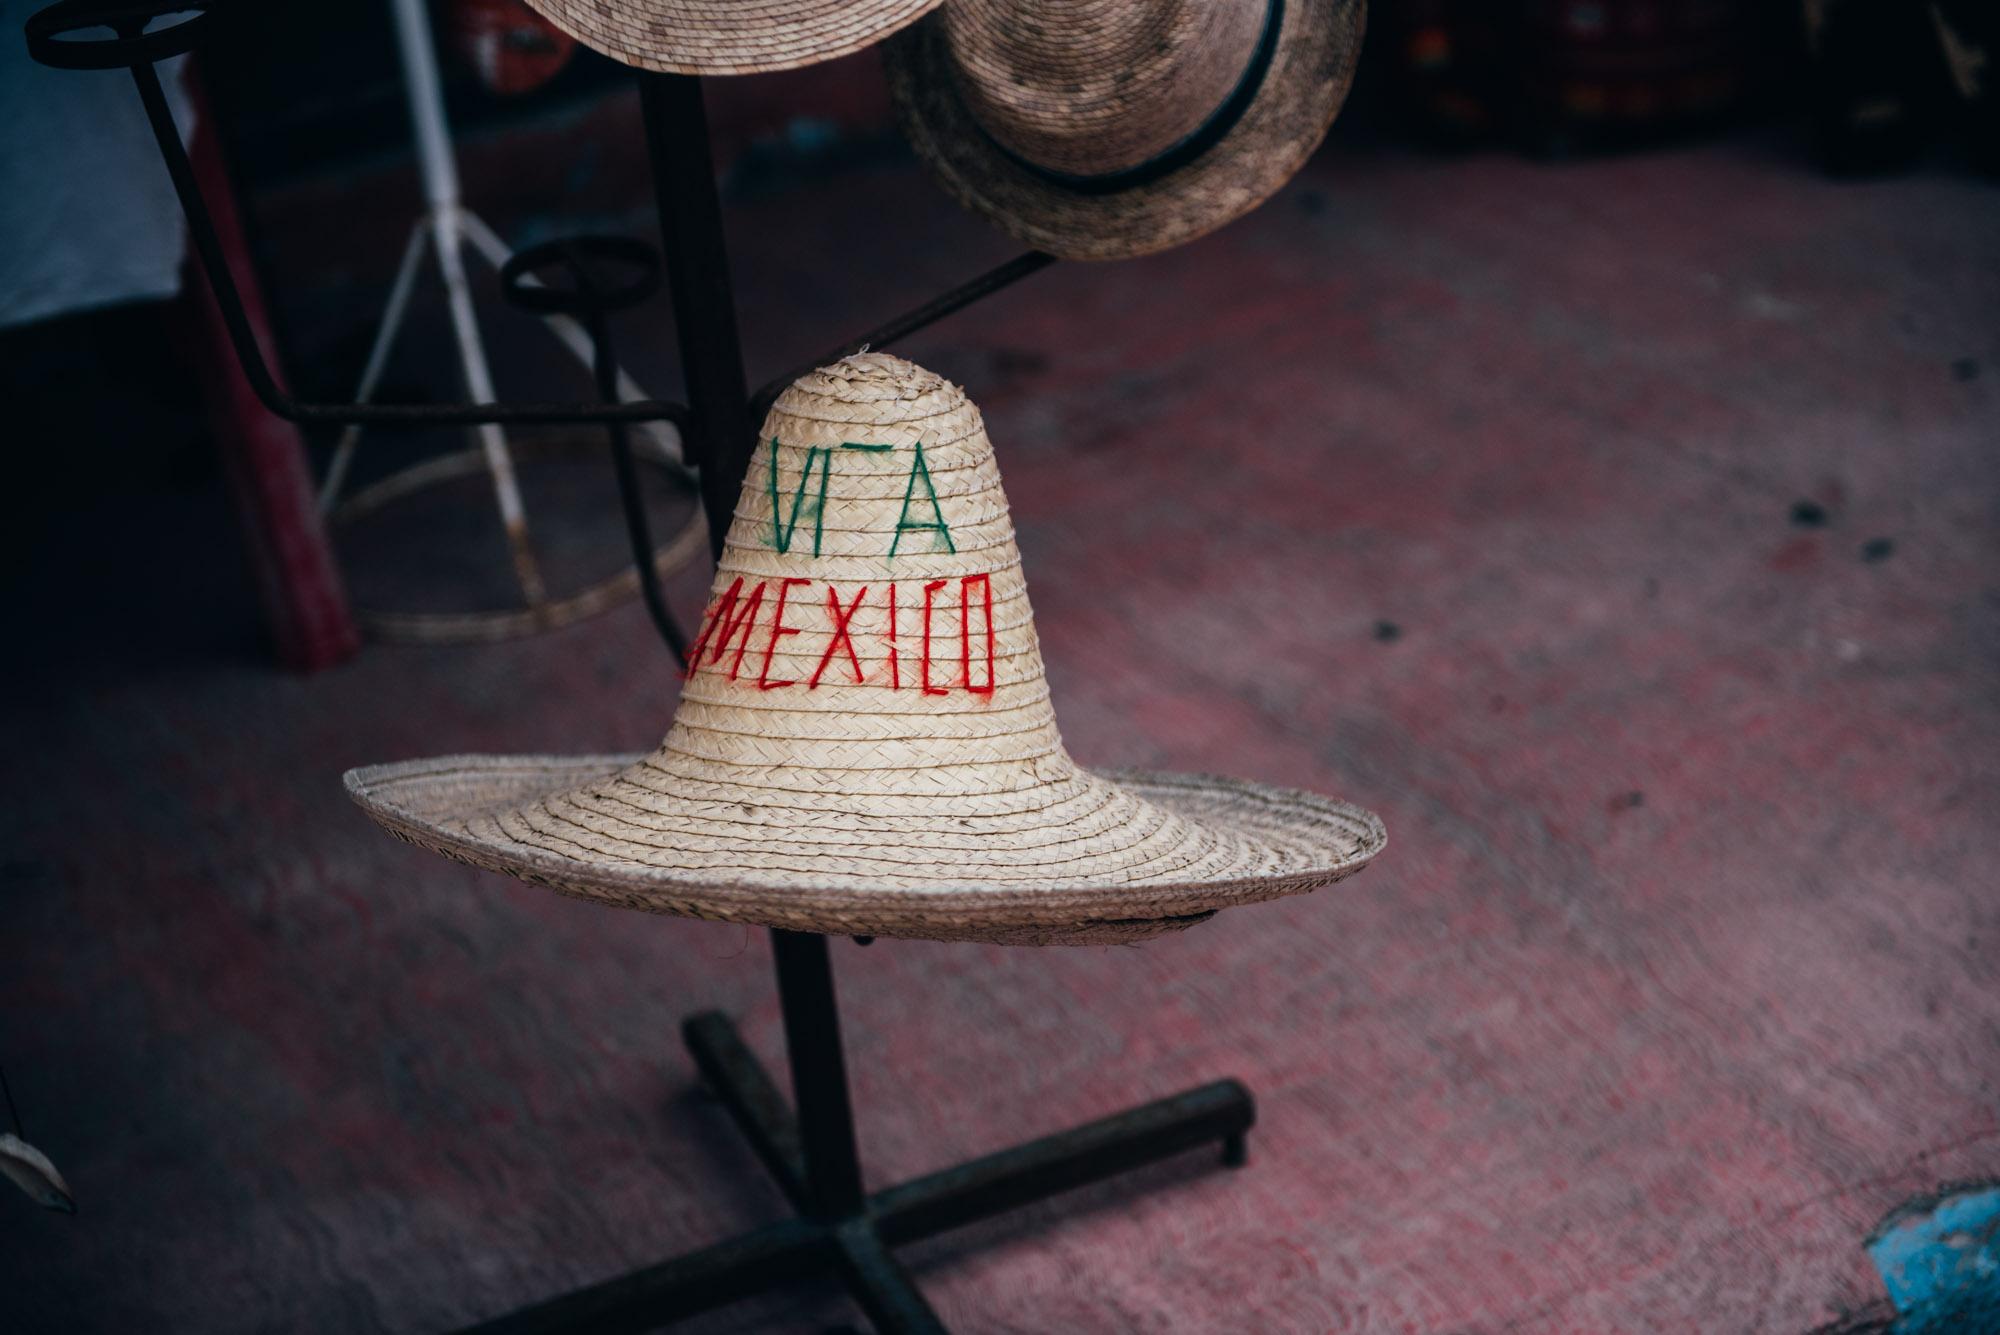 Viva la Mexico